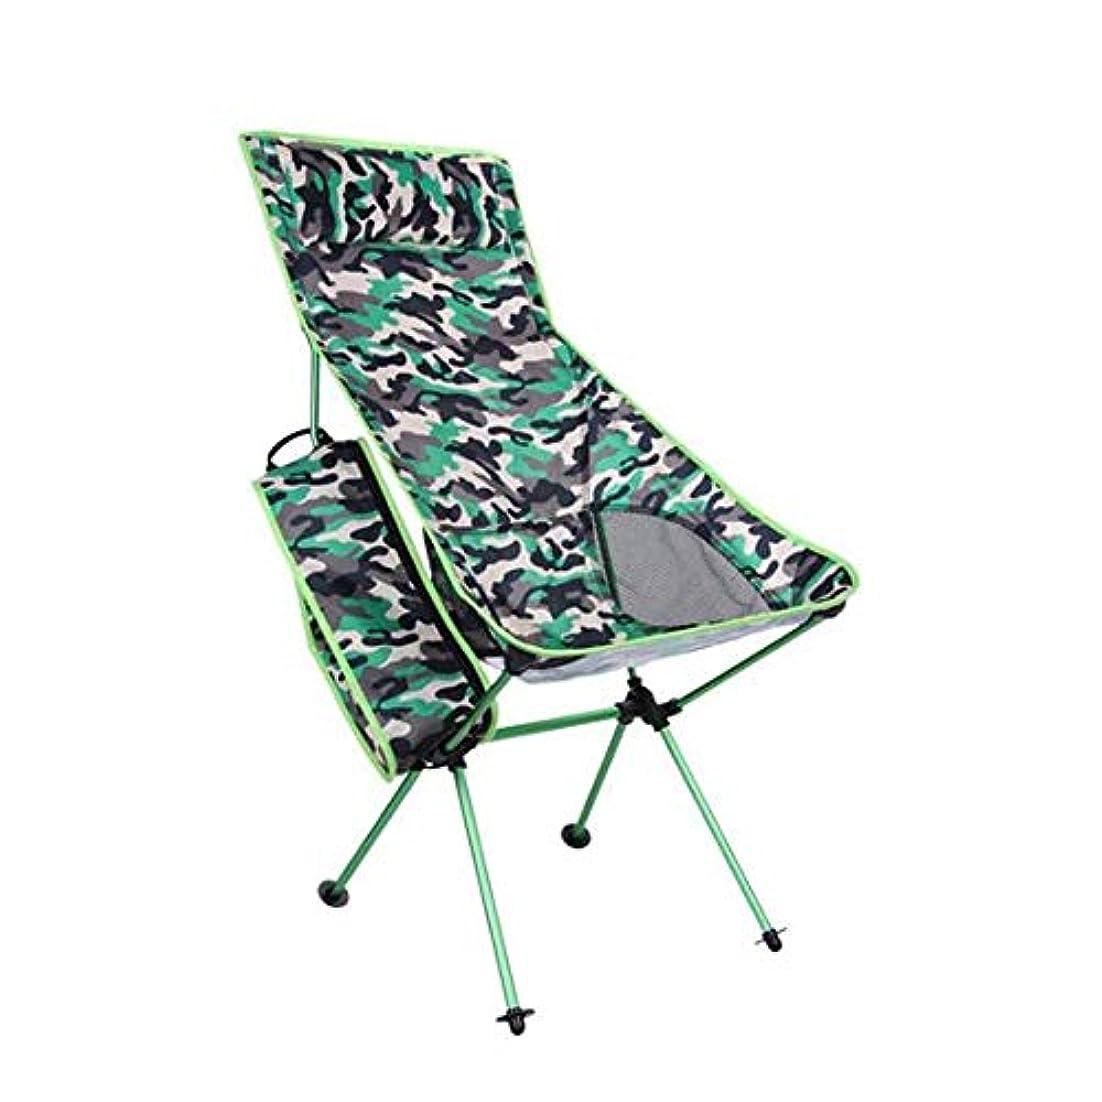 ケニアパスポートこどもの日携帯用超軽量の折りたたみのキャンプチェア、ハイキング/旅行/狩猟/釣りのためのキャリーバッグが付いている屋外の拡張された折りたたみ余暇の椅子ビーチチェア、最大100KGまで,Green